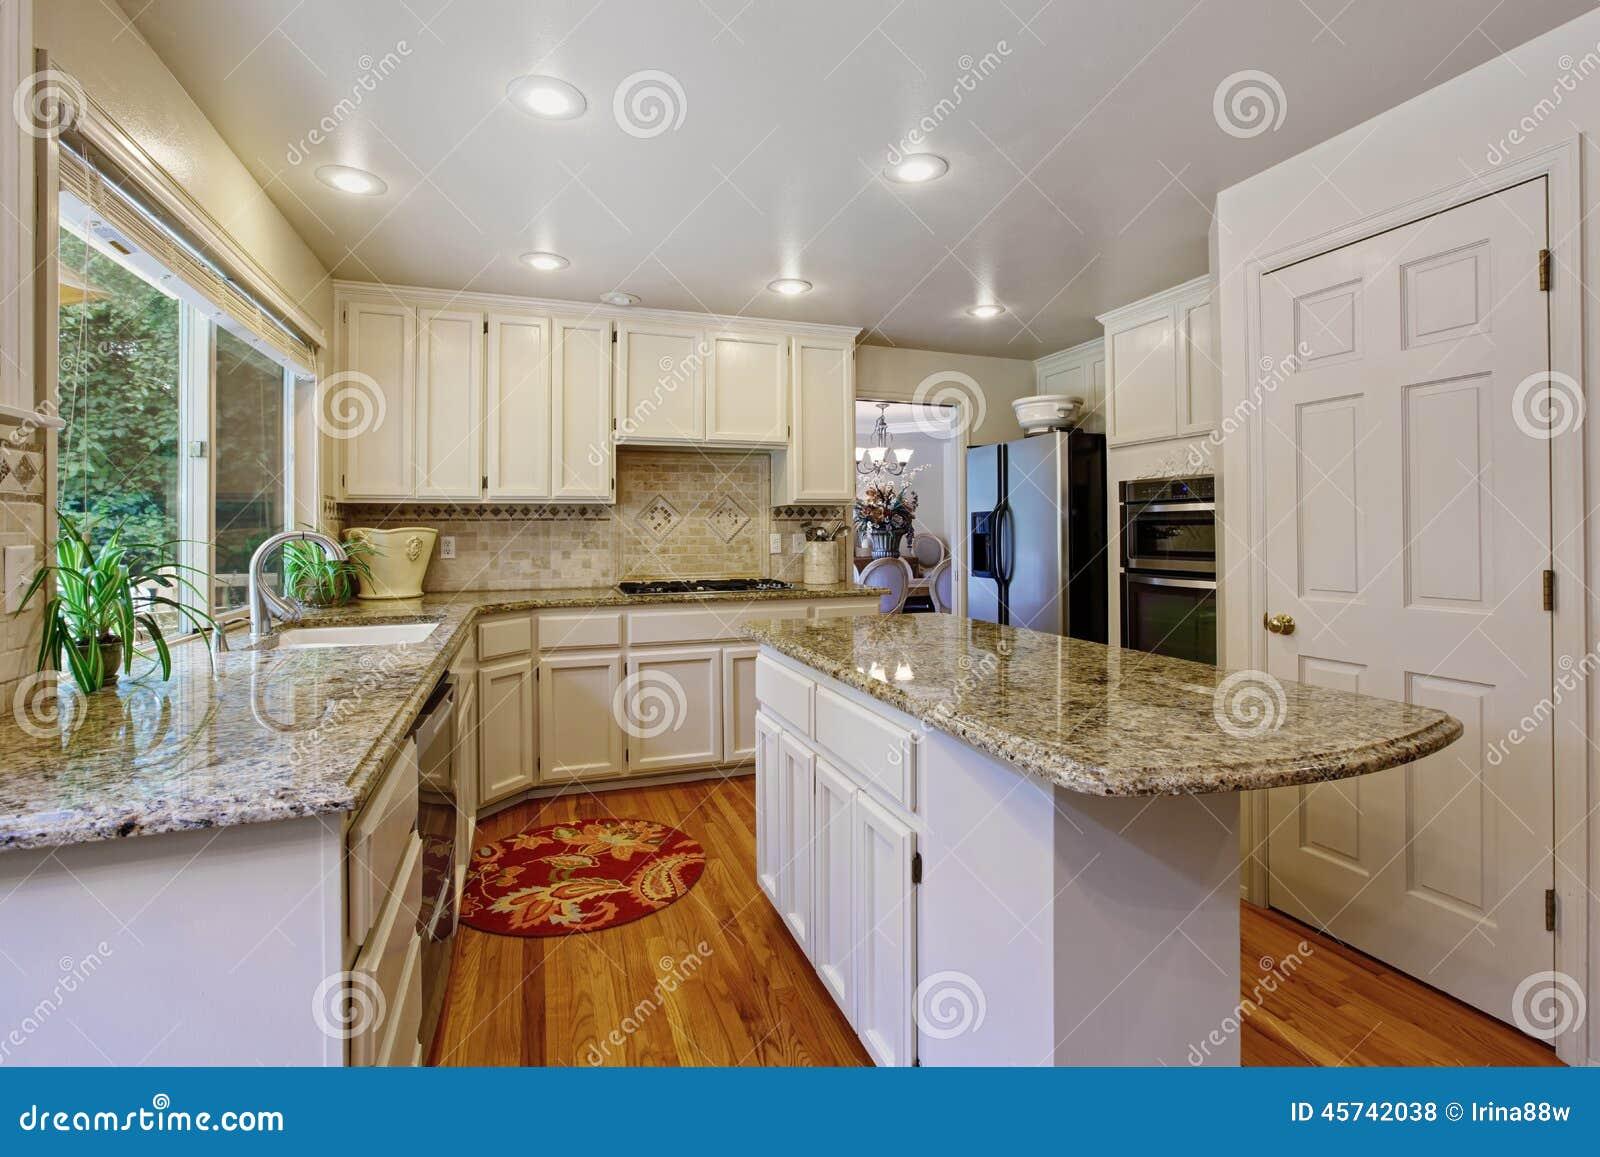 Stanza della cucina con la combinazione bianca e l 39 isola for Cucina e grandi disegni della stanza